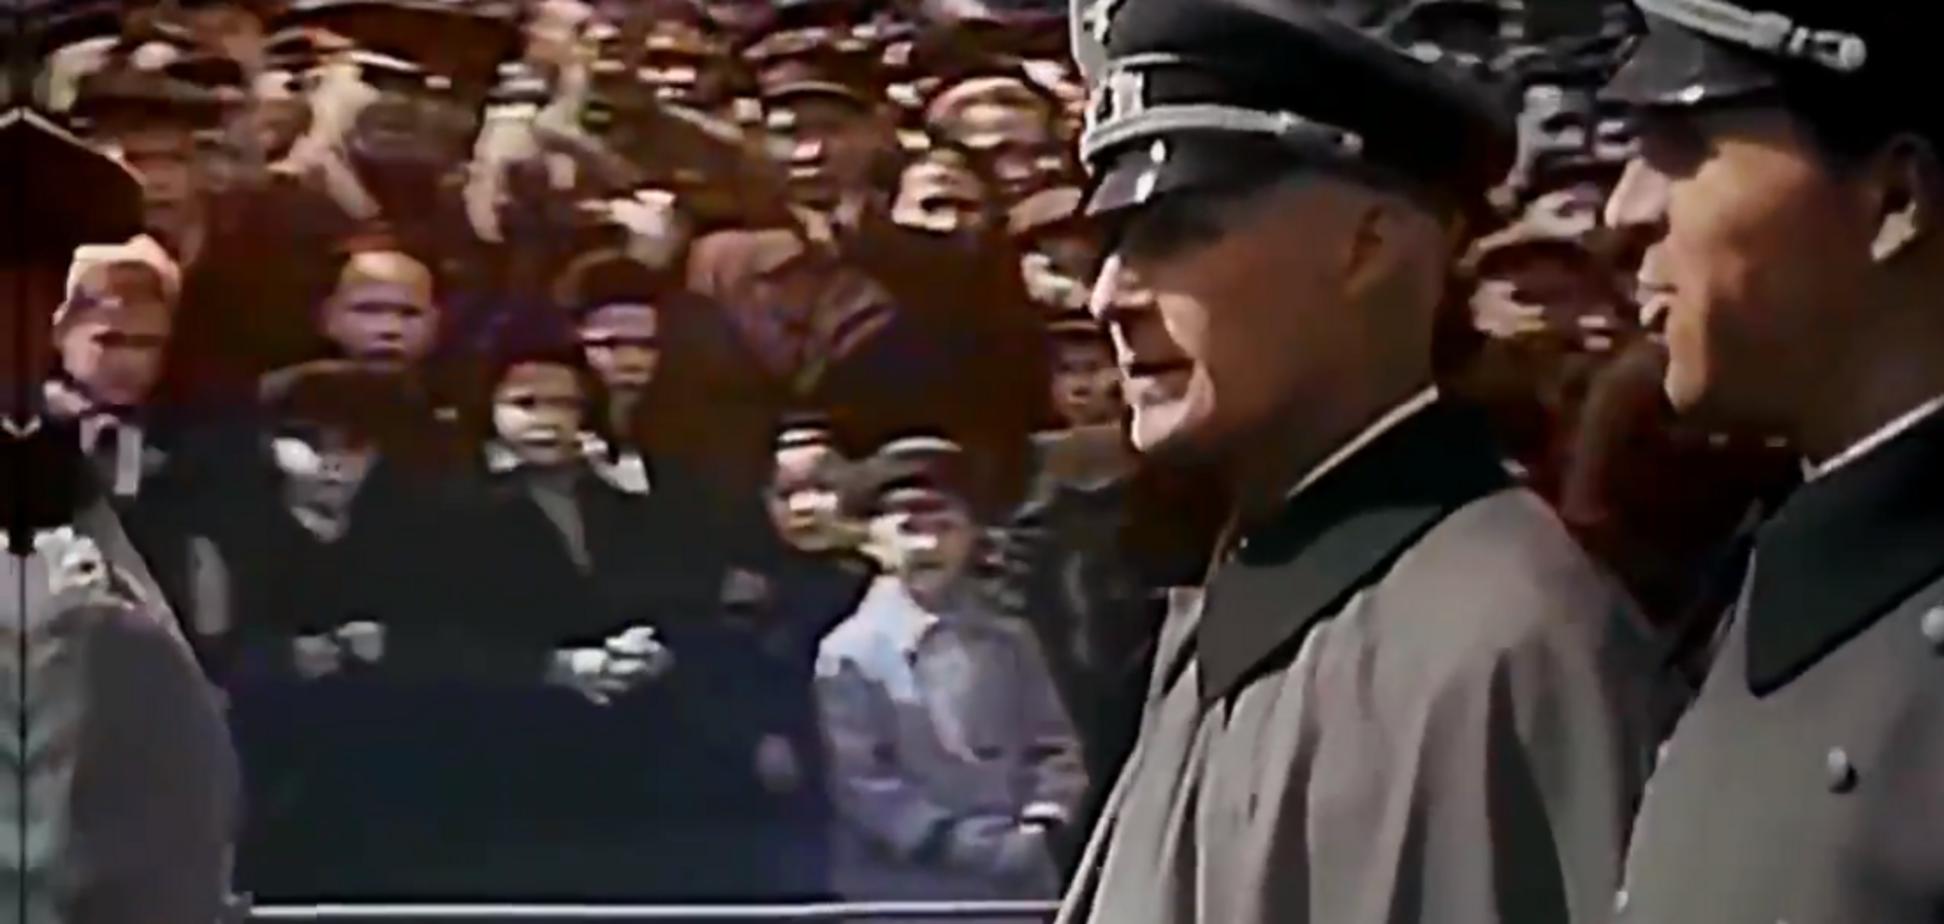 Как союзники Россия и Германия в 1941 году Первомай отмечали